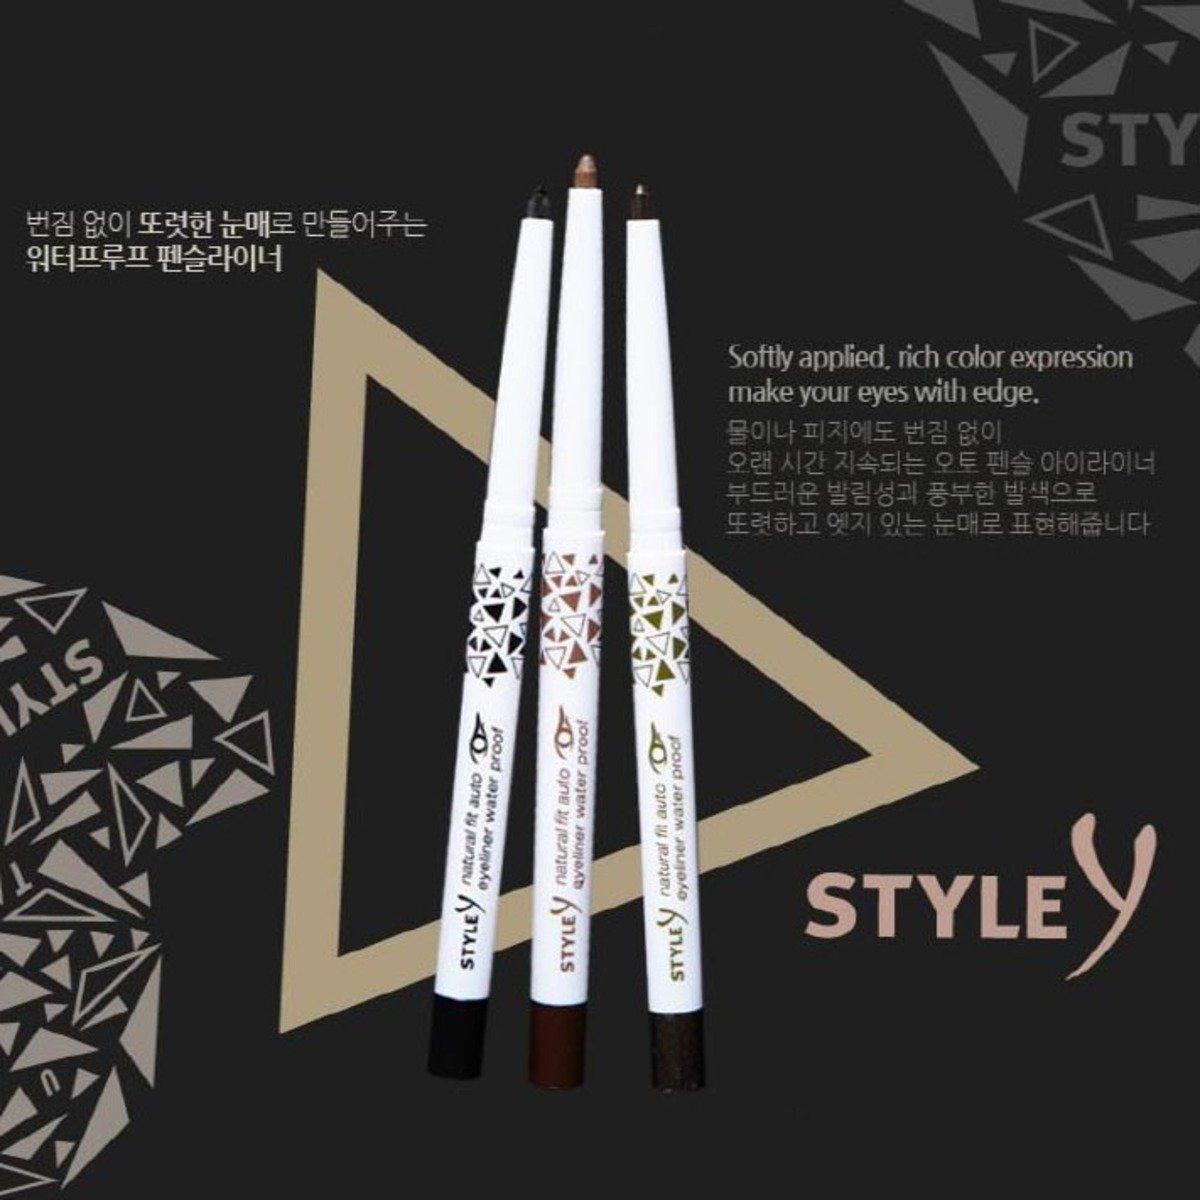 Style Y 自然防水眼線筆